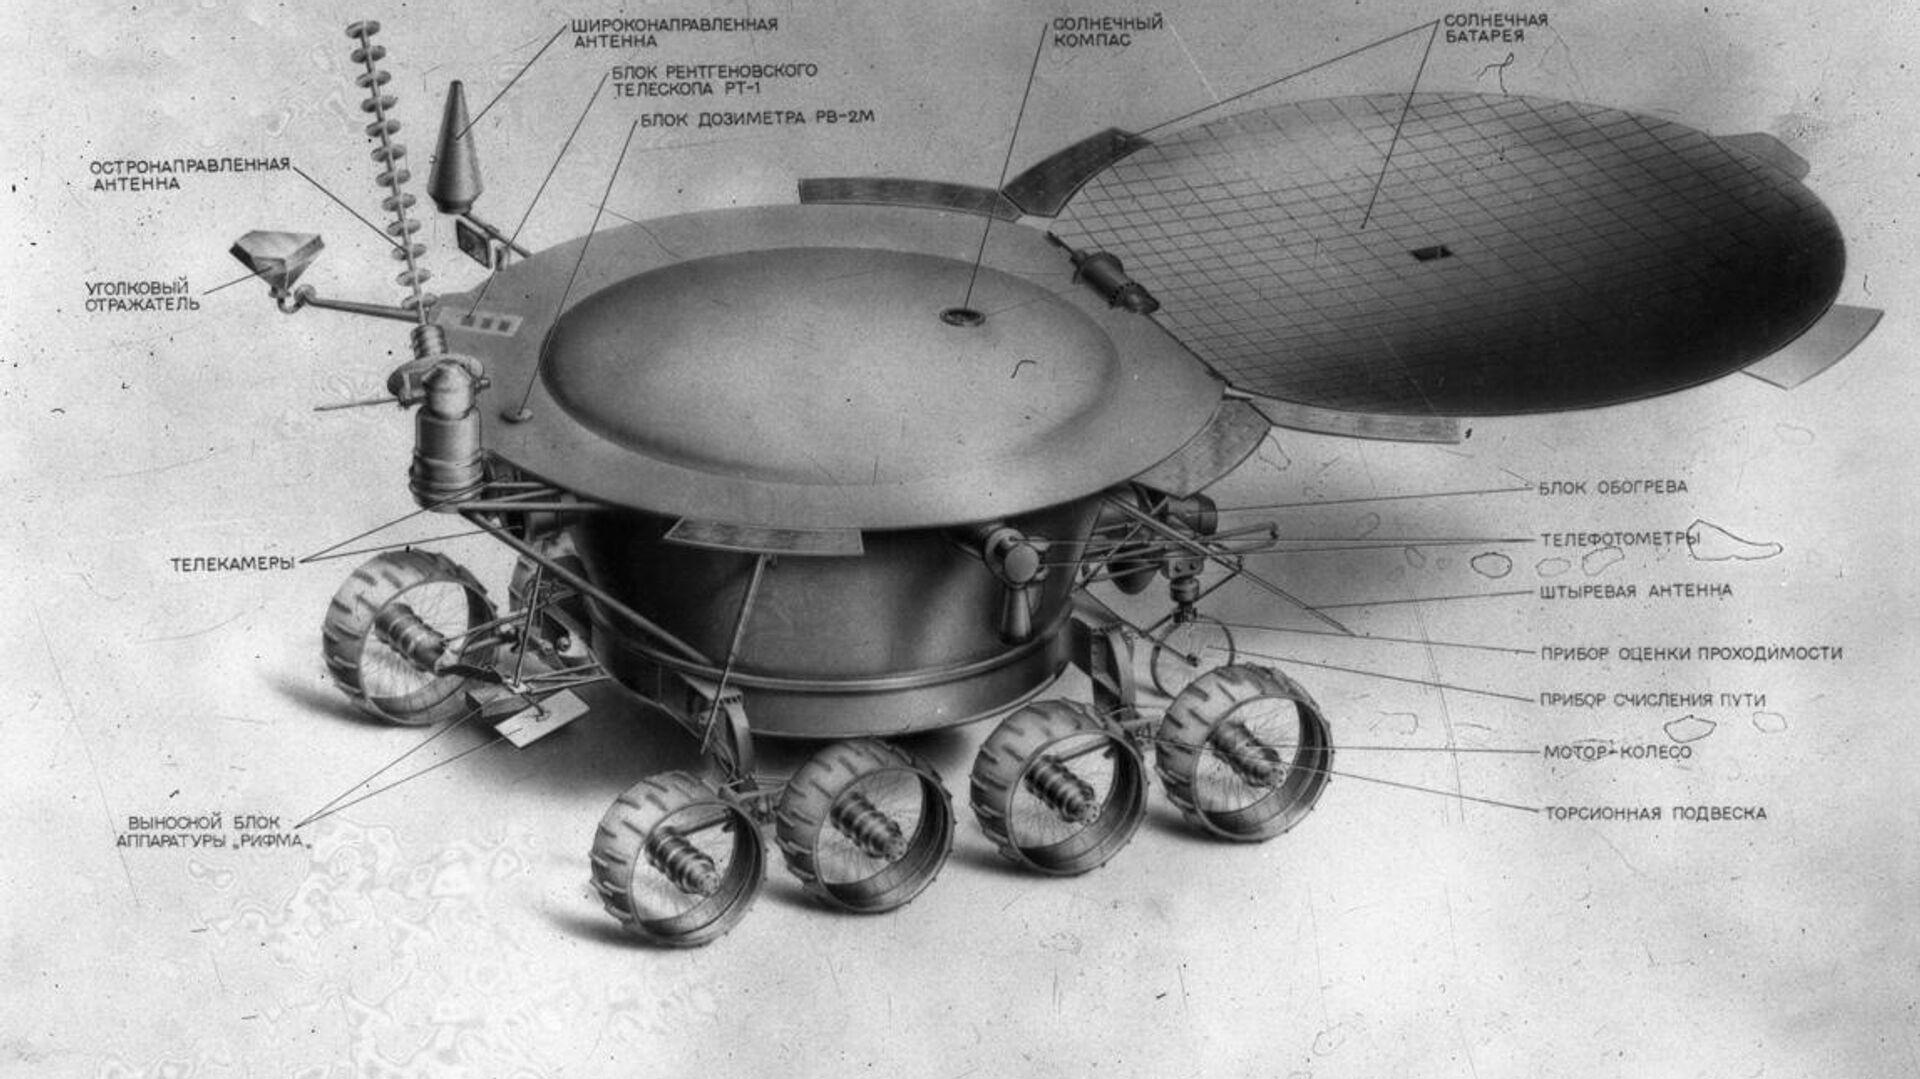 Устройство передвижной лаборатории Луноход-1 - РИА Новости, 1920, 16.11.2020